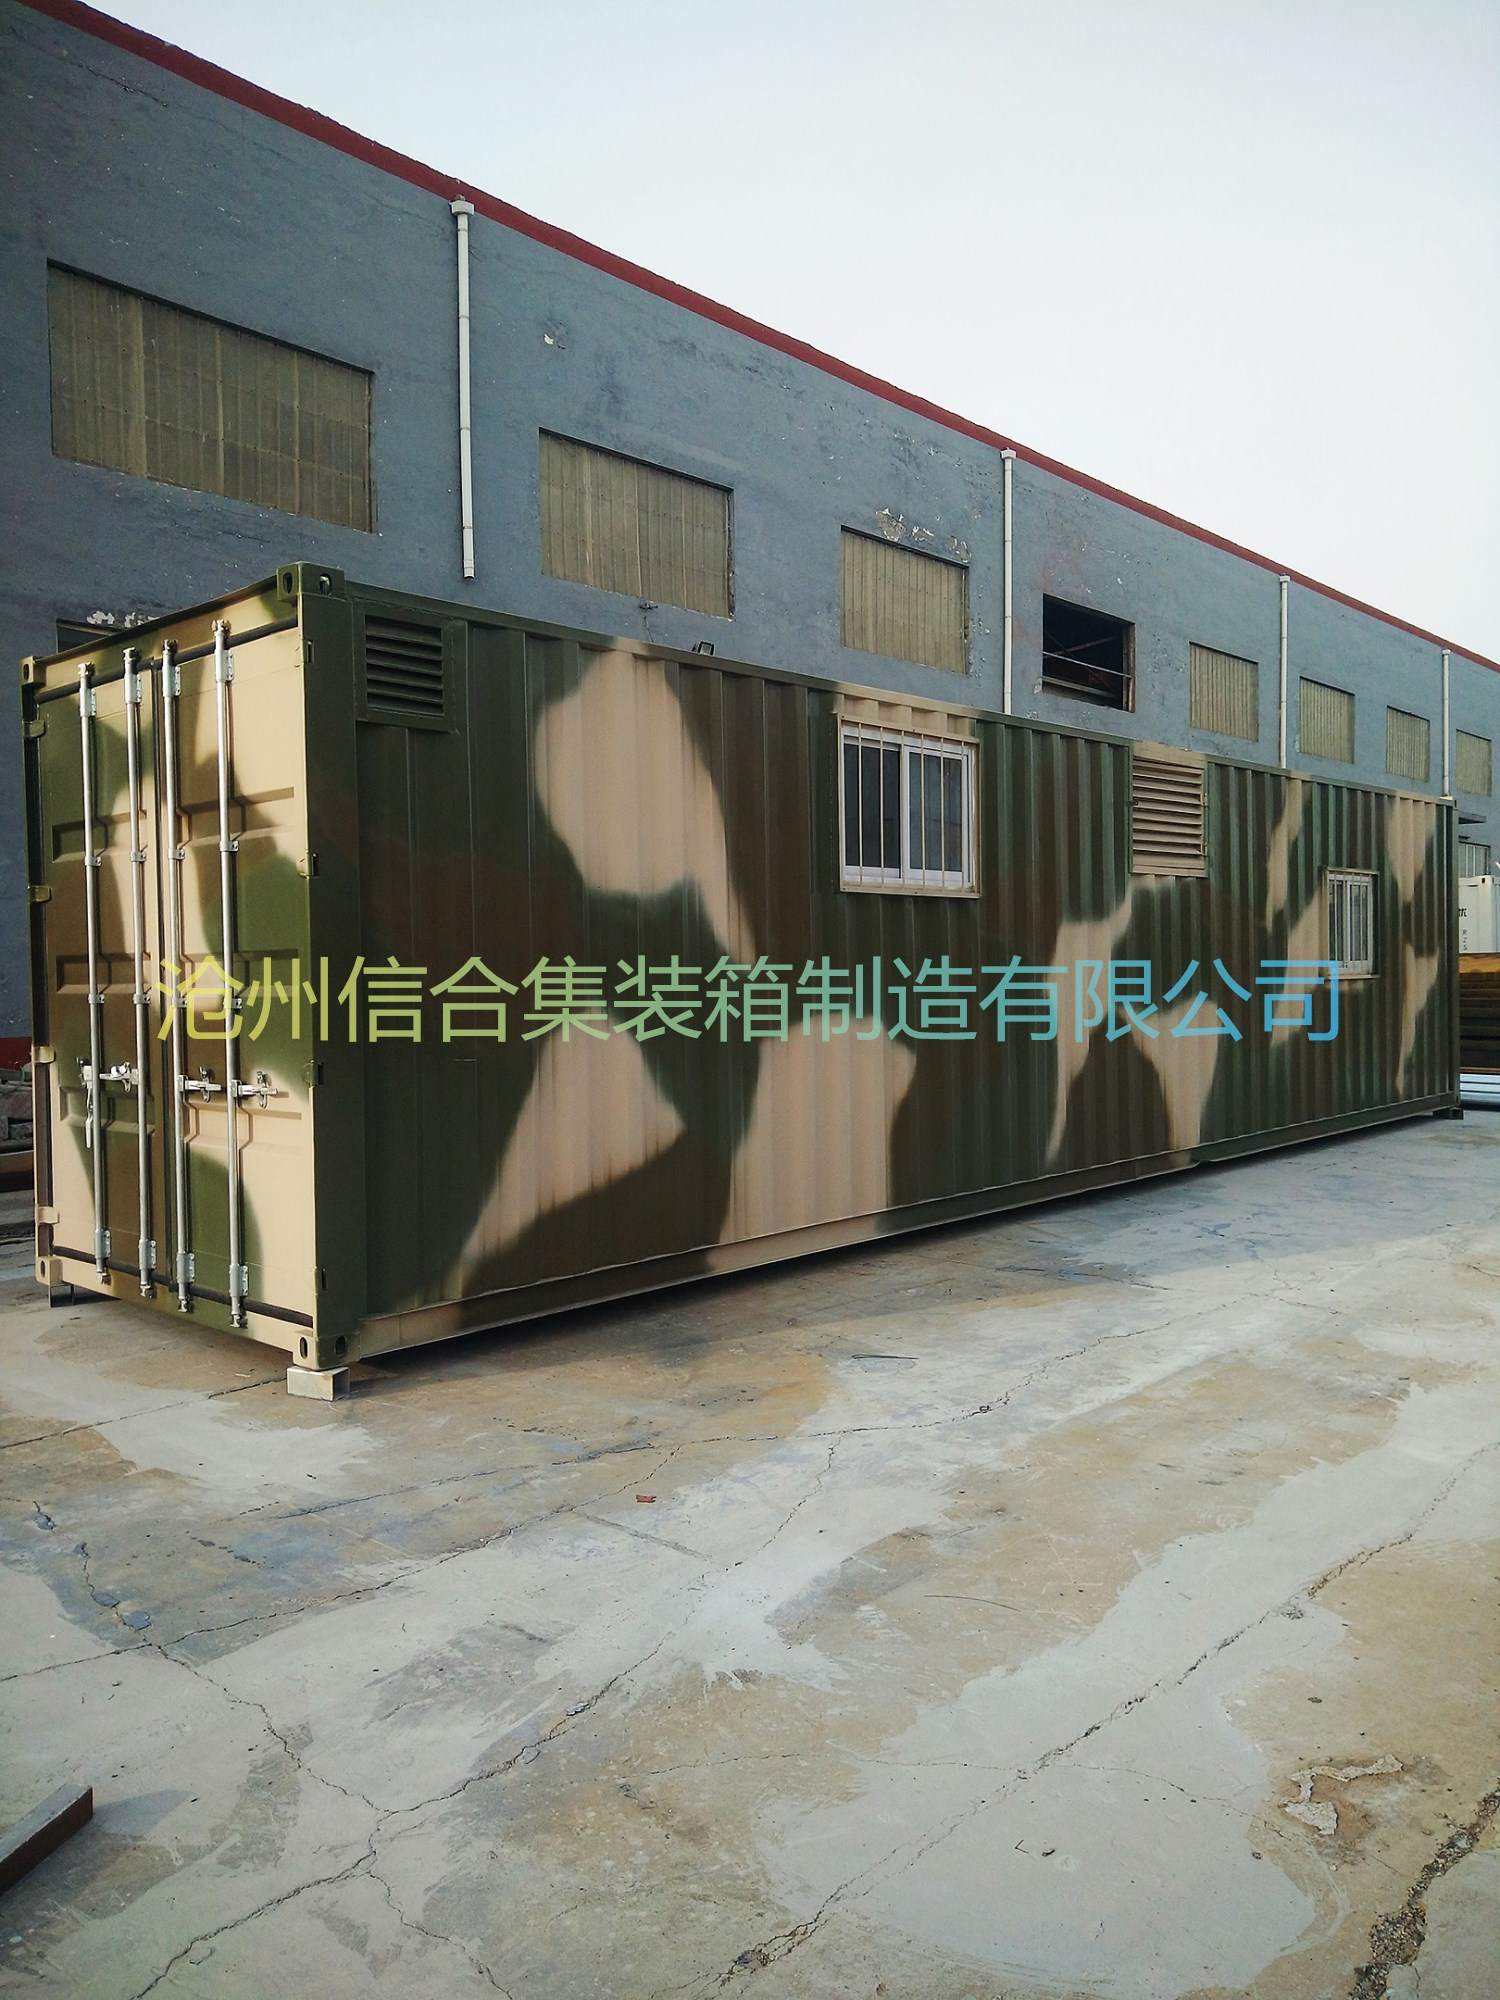 迷彩集装箱 特种集装箱 集装箱制造厂家全新定制 迷彩集装箱 特种设备箱